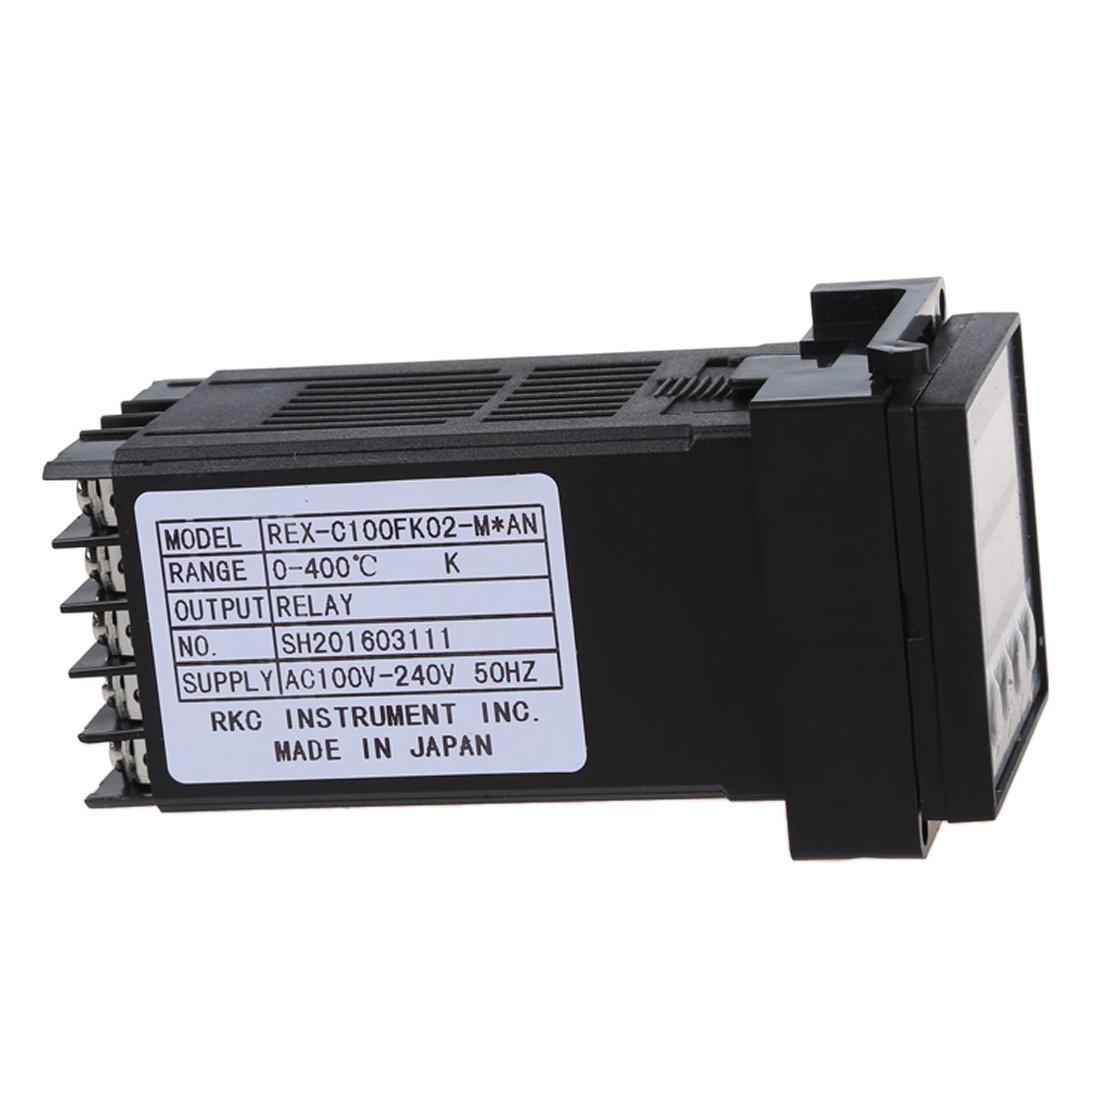 R Digital PID 0 to 400Celsius Control de temperatura Dual LED REX-C100 K Sonda Termopar Controlador de temperatura SODIAL